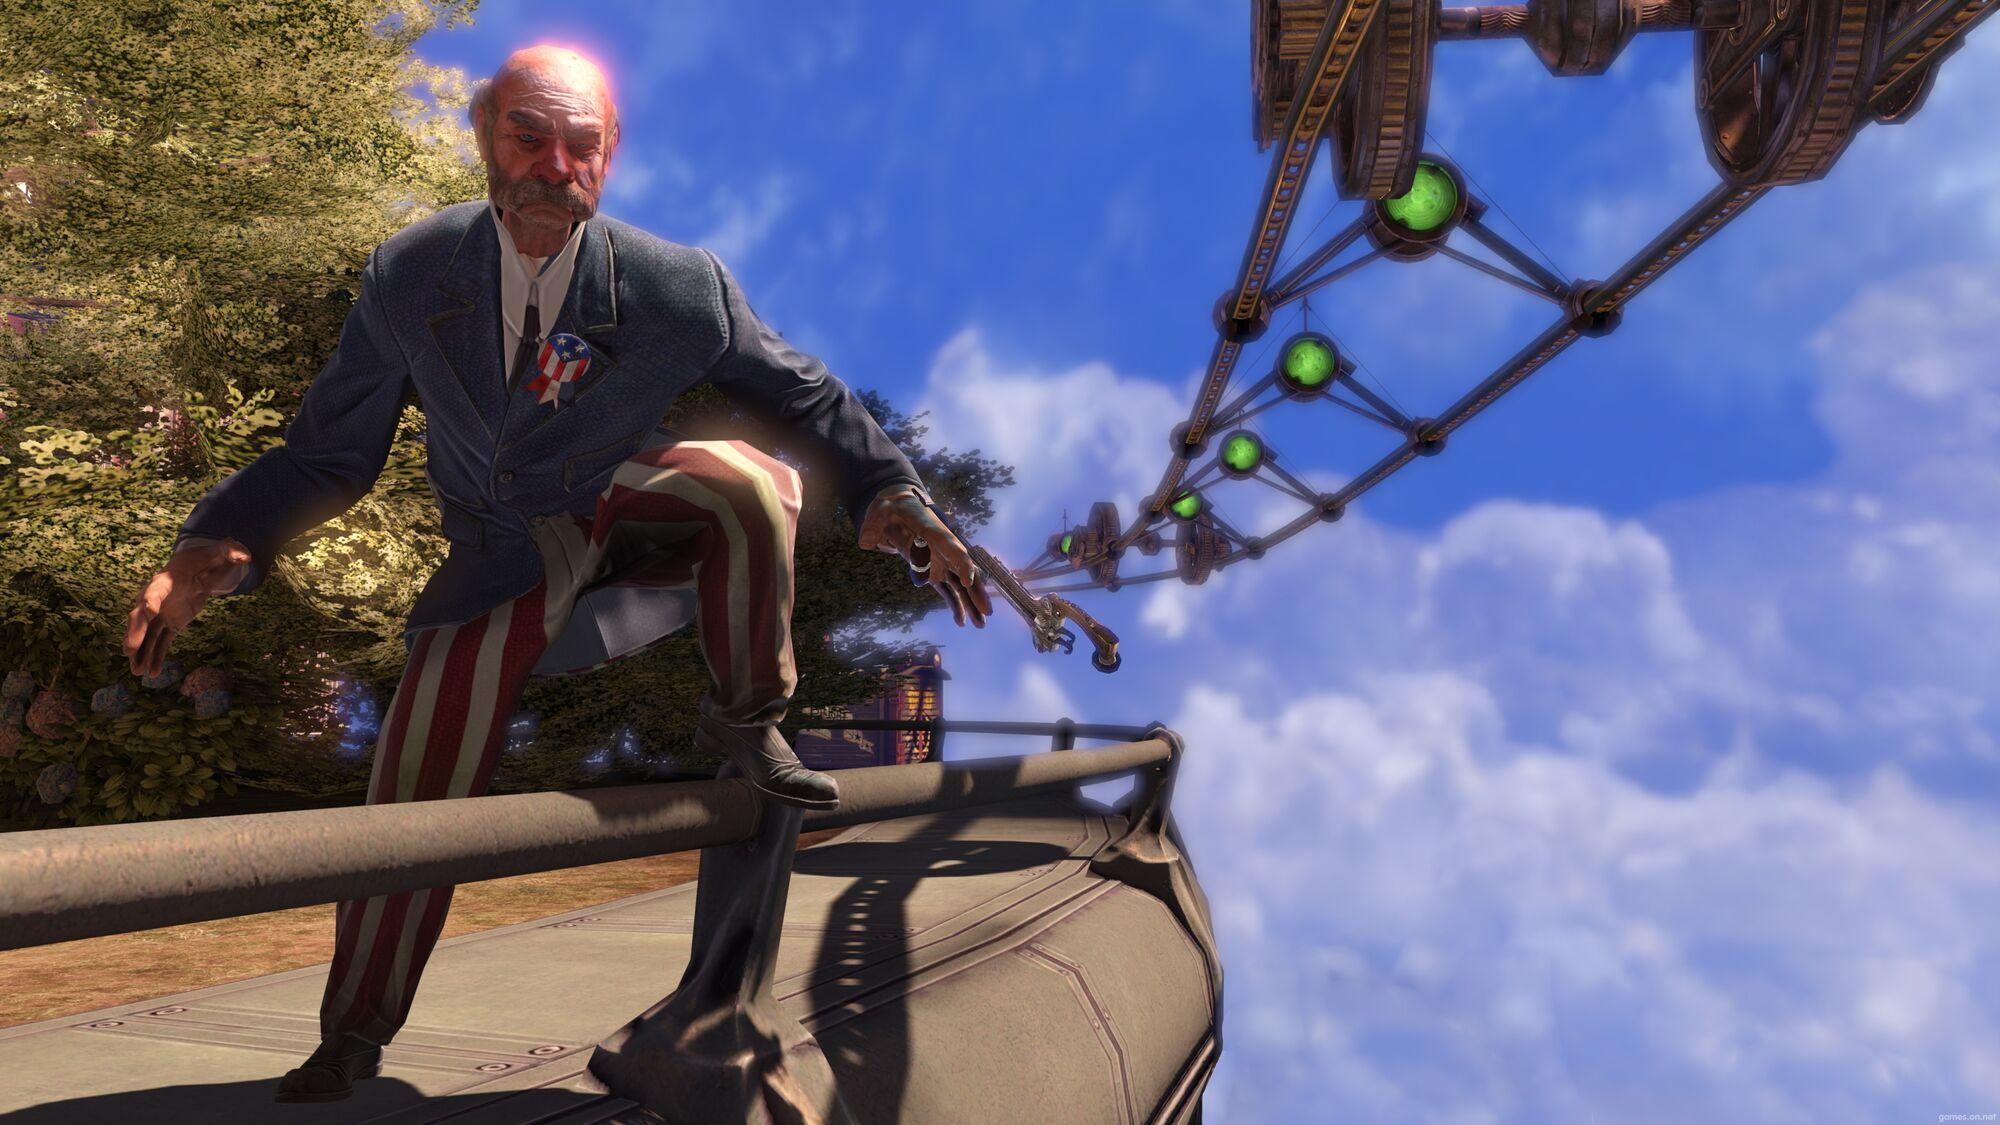 Henry saltonstall bioshock wiki fandom powered by wikia - Bioshock wikia ...